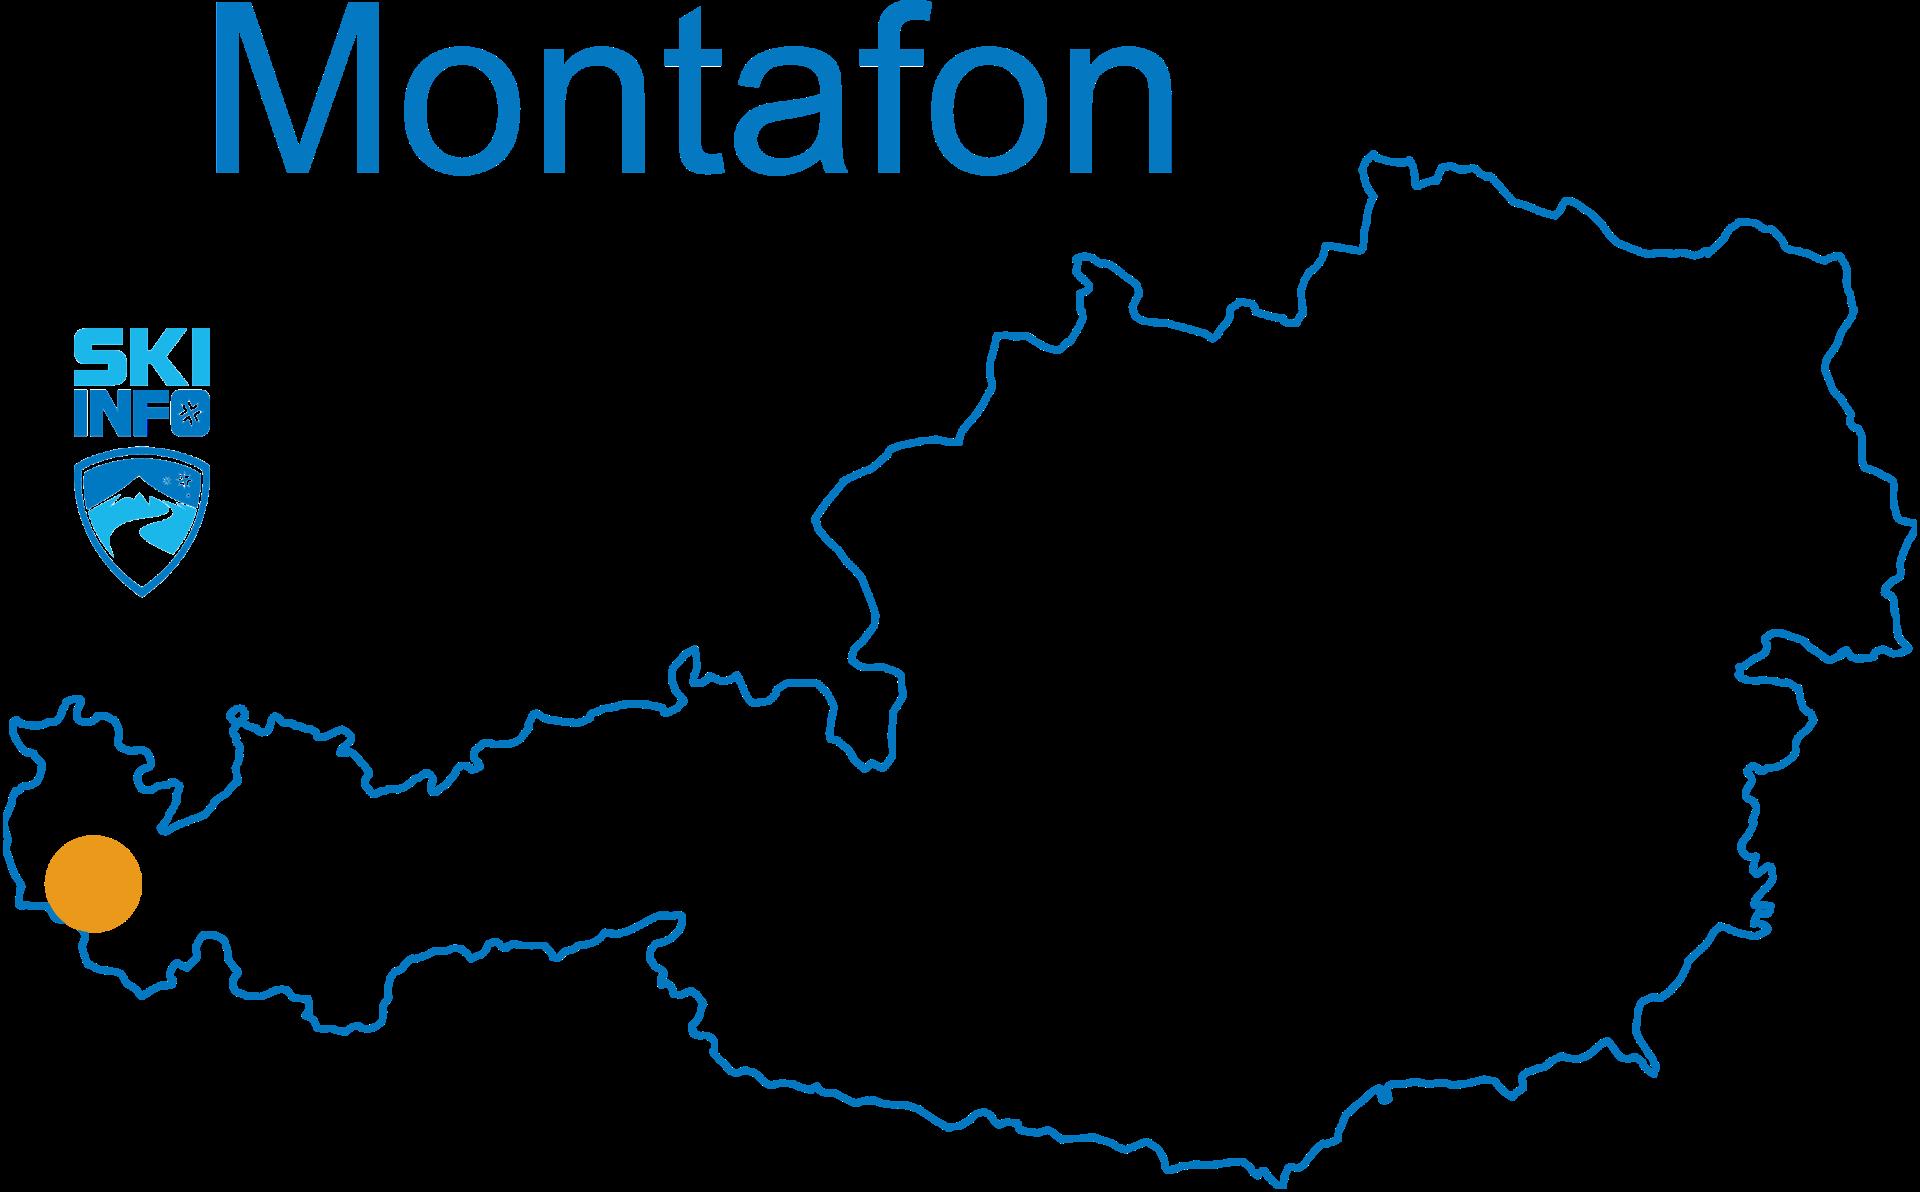 Karte Montafon